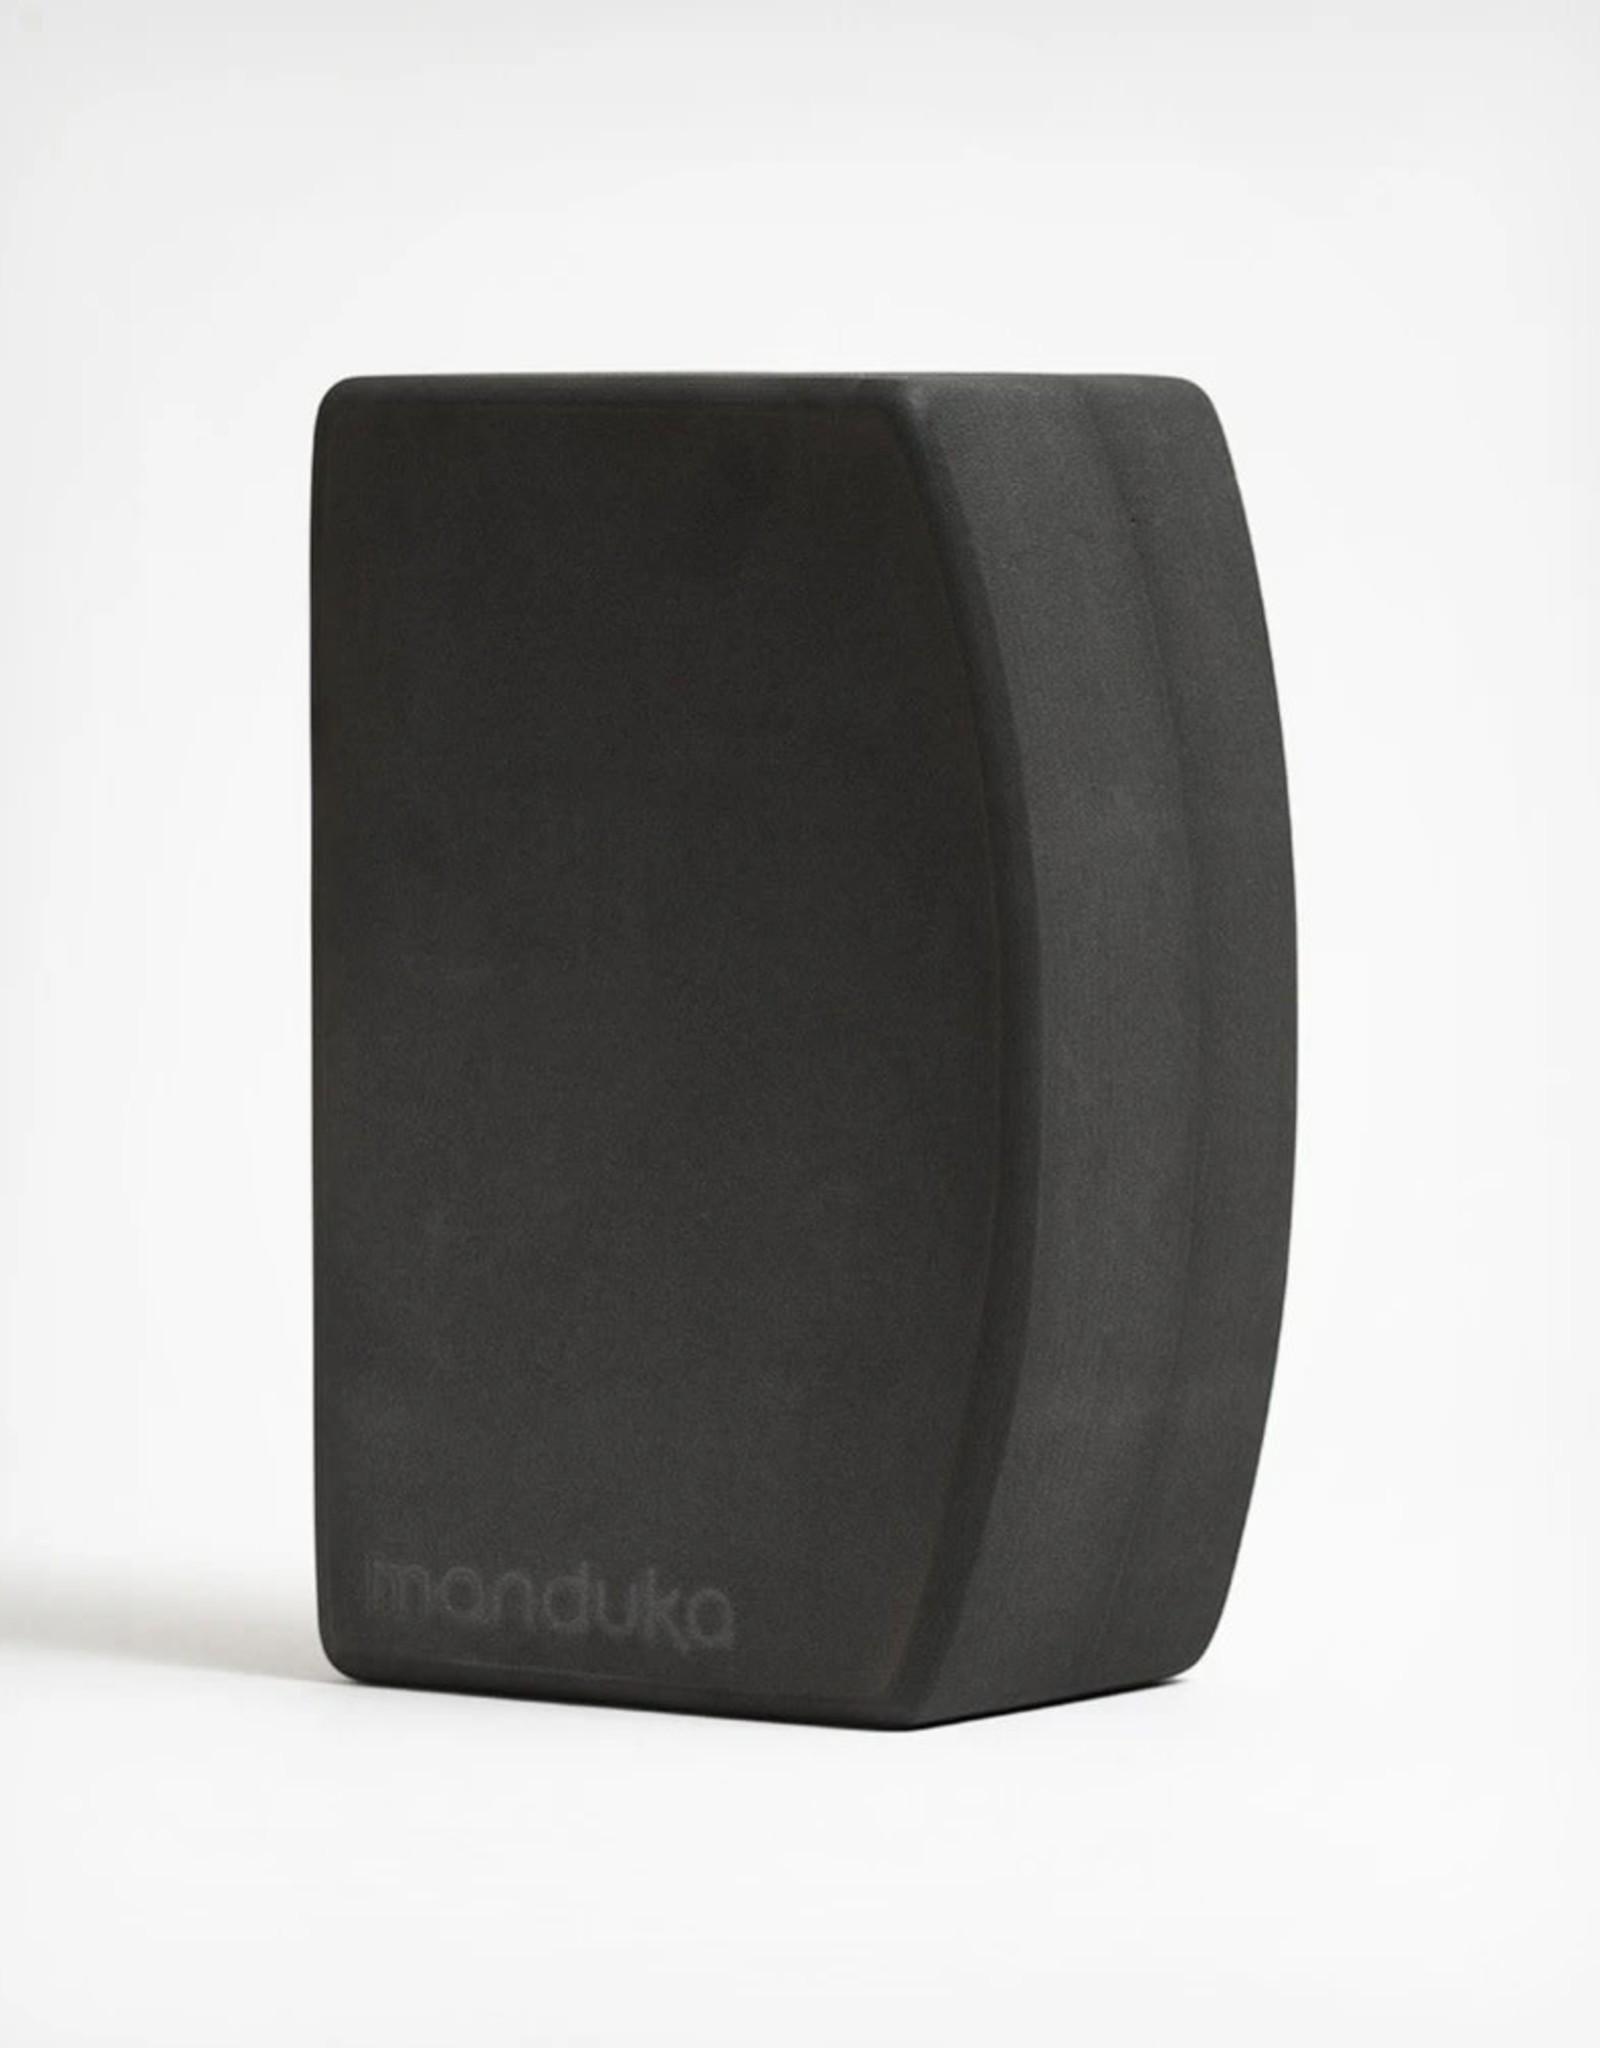 Manduka Recycled foam block-uNBLOK-Thunder